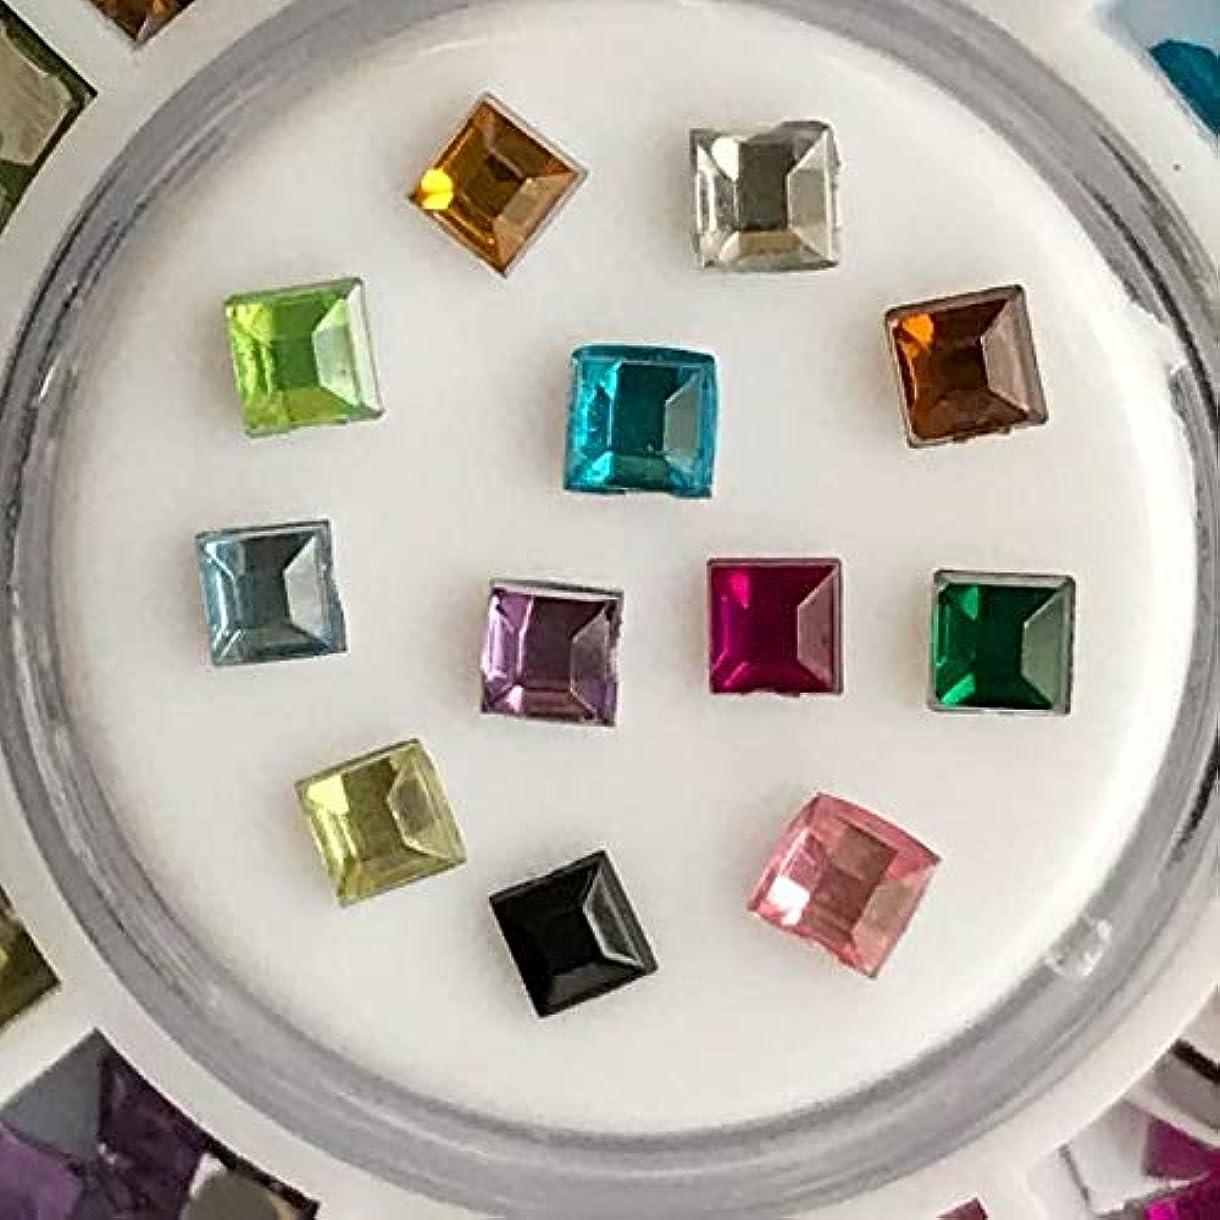 モルヒネ前提マーキーアクリルラインストーン12色セットネイル用DIYアクセサリーハンドメイド素材パーツ (スクエア四角形)